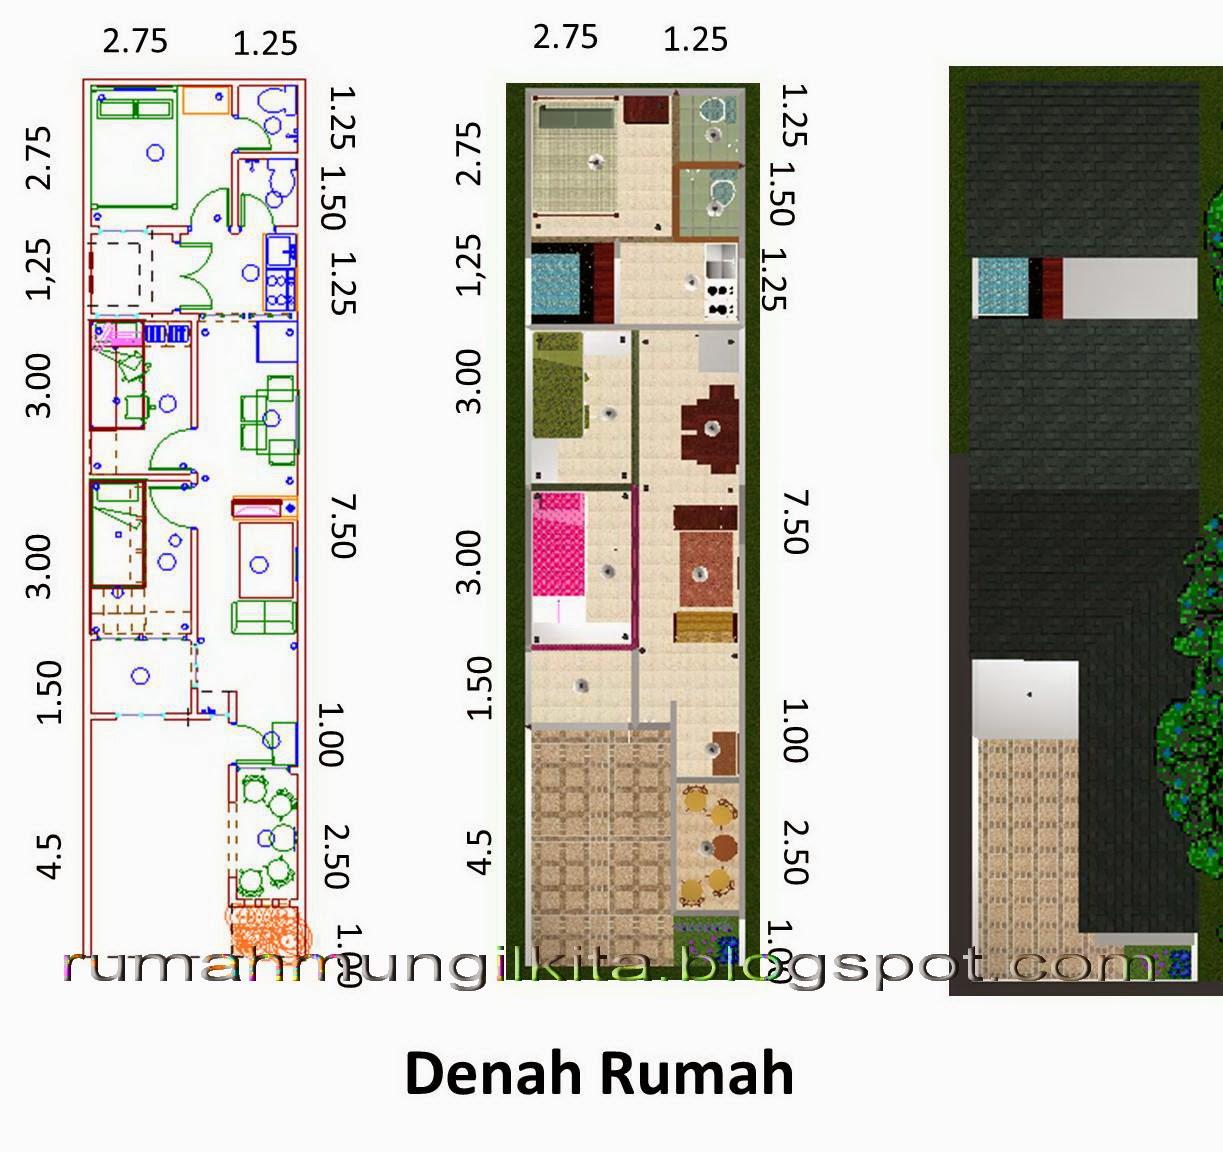 58 Desain Rumah Lebar 4 Meter 1 Lantai Terlengkap Parkiran Desain